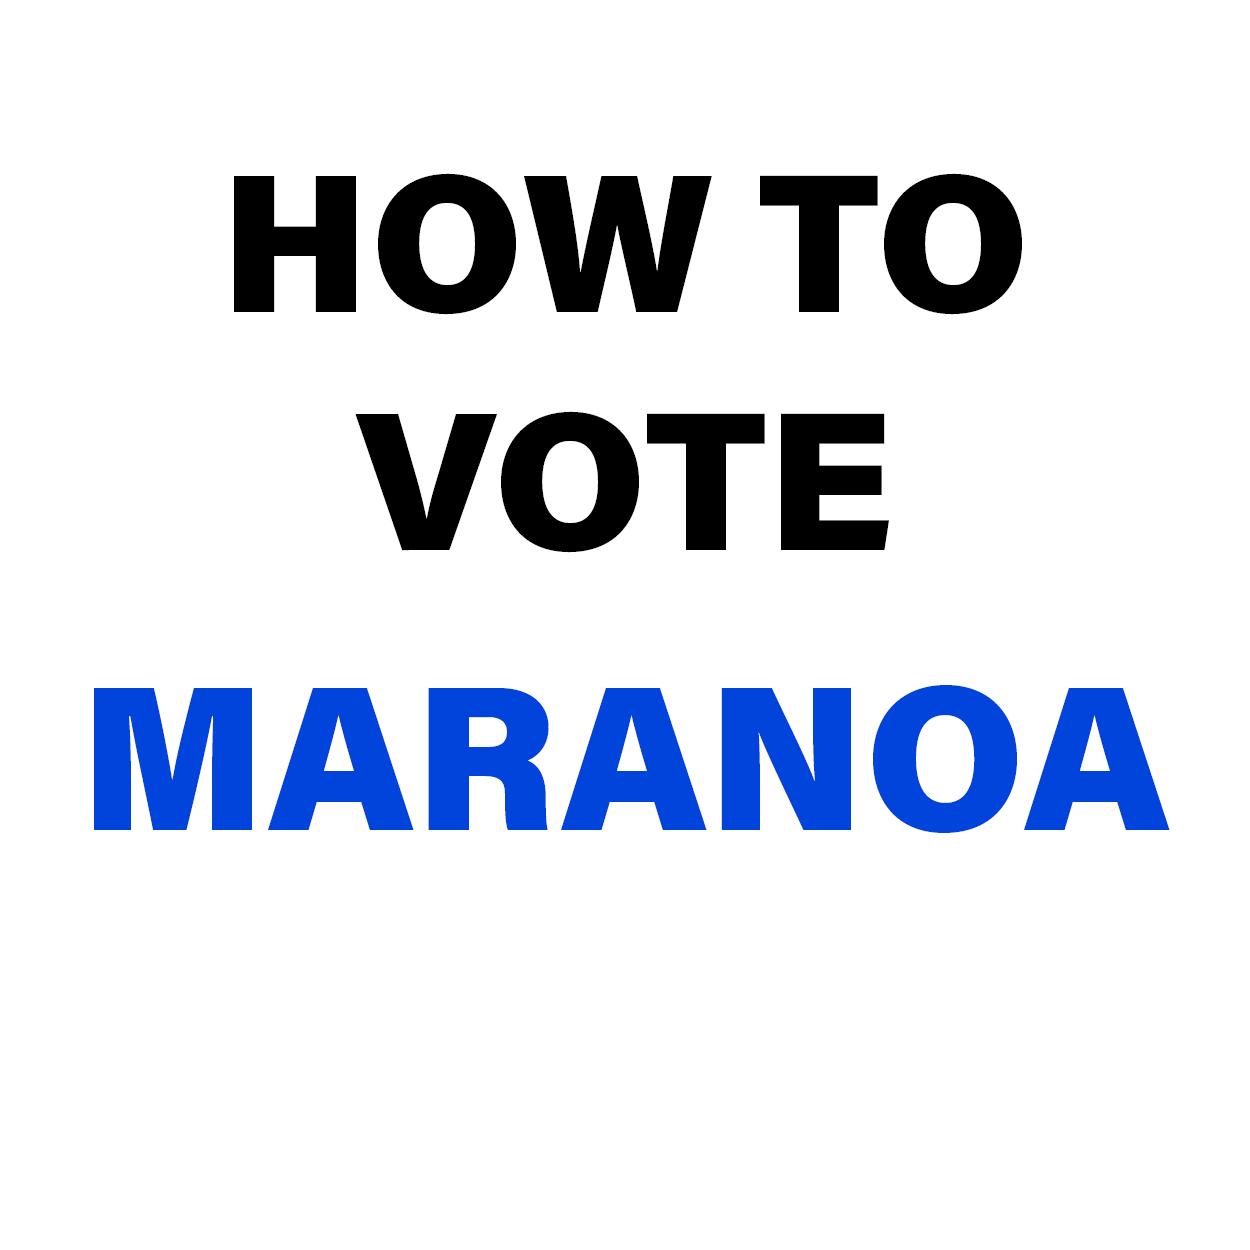 MARANOA.png